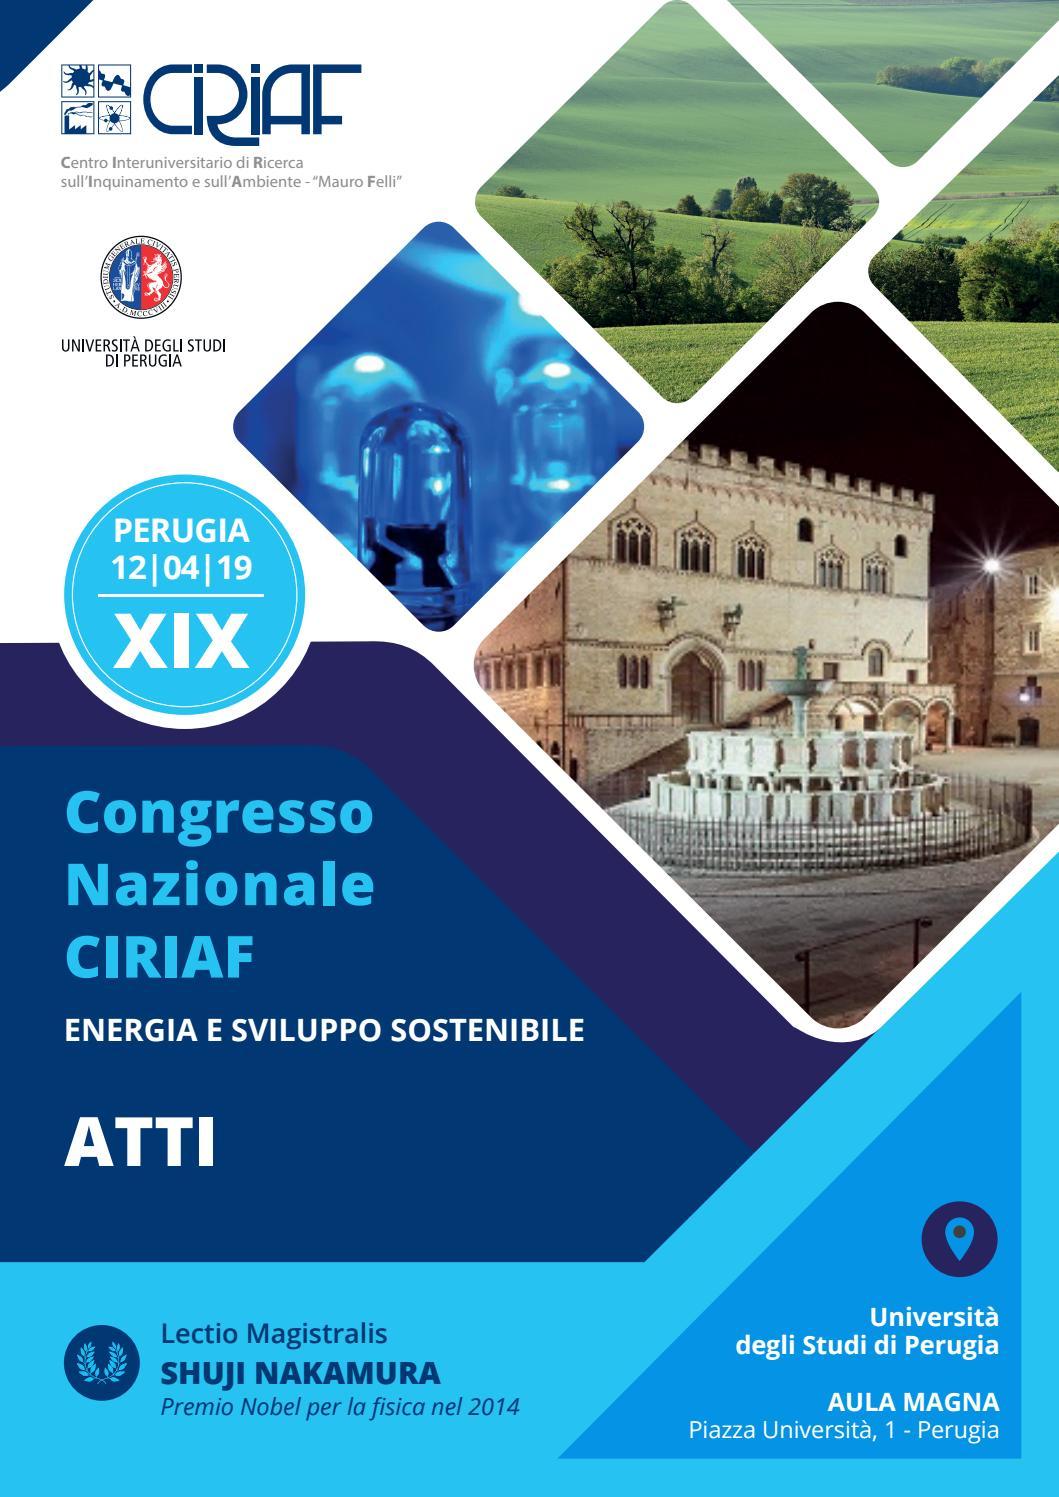 Xix Congresso Nazionale Ciriaf Energia E Sviluppo Sostenibile Atti Perugia 12 Aprile 2019 By Morlacchi Editore Srl Issuu